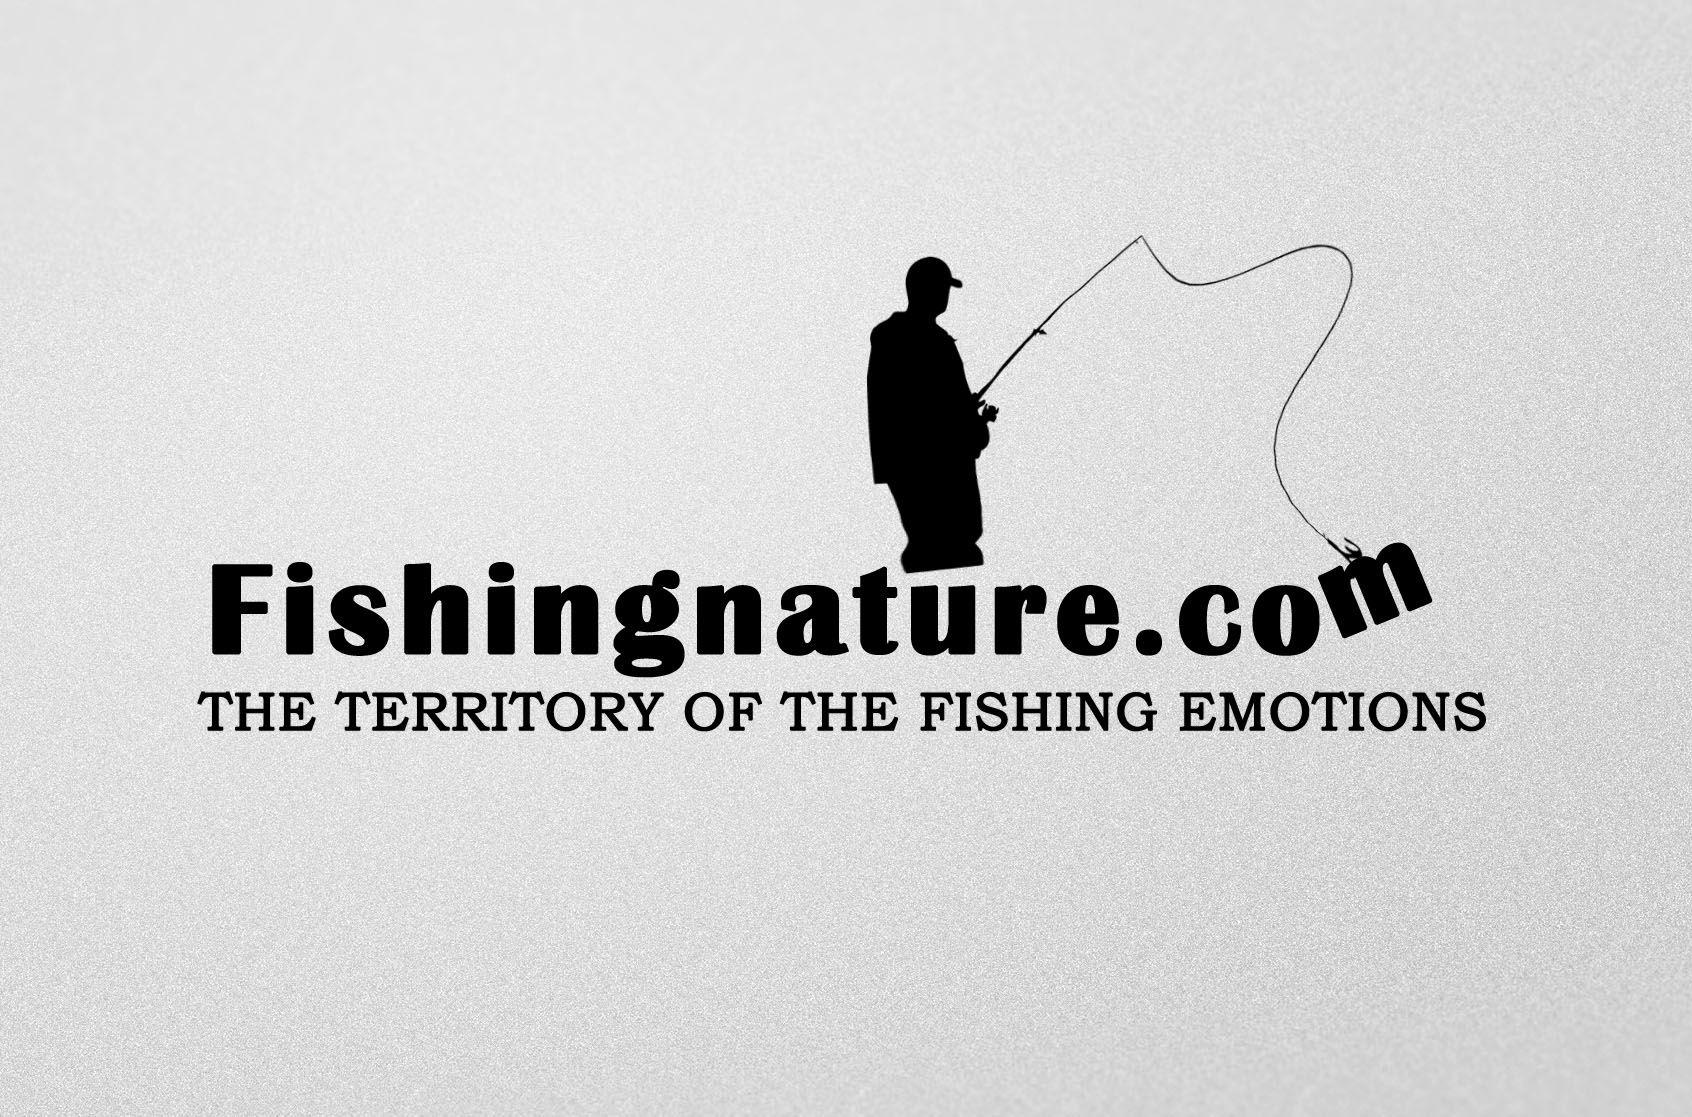 Лого он-лайн фотожурнала о рыболовстве и природе - дизайнер Ingebur_r